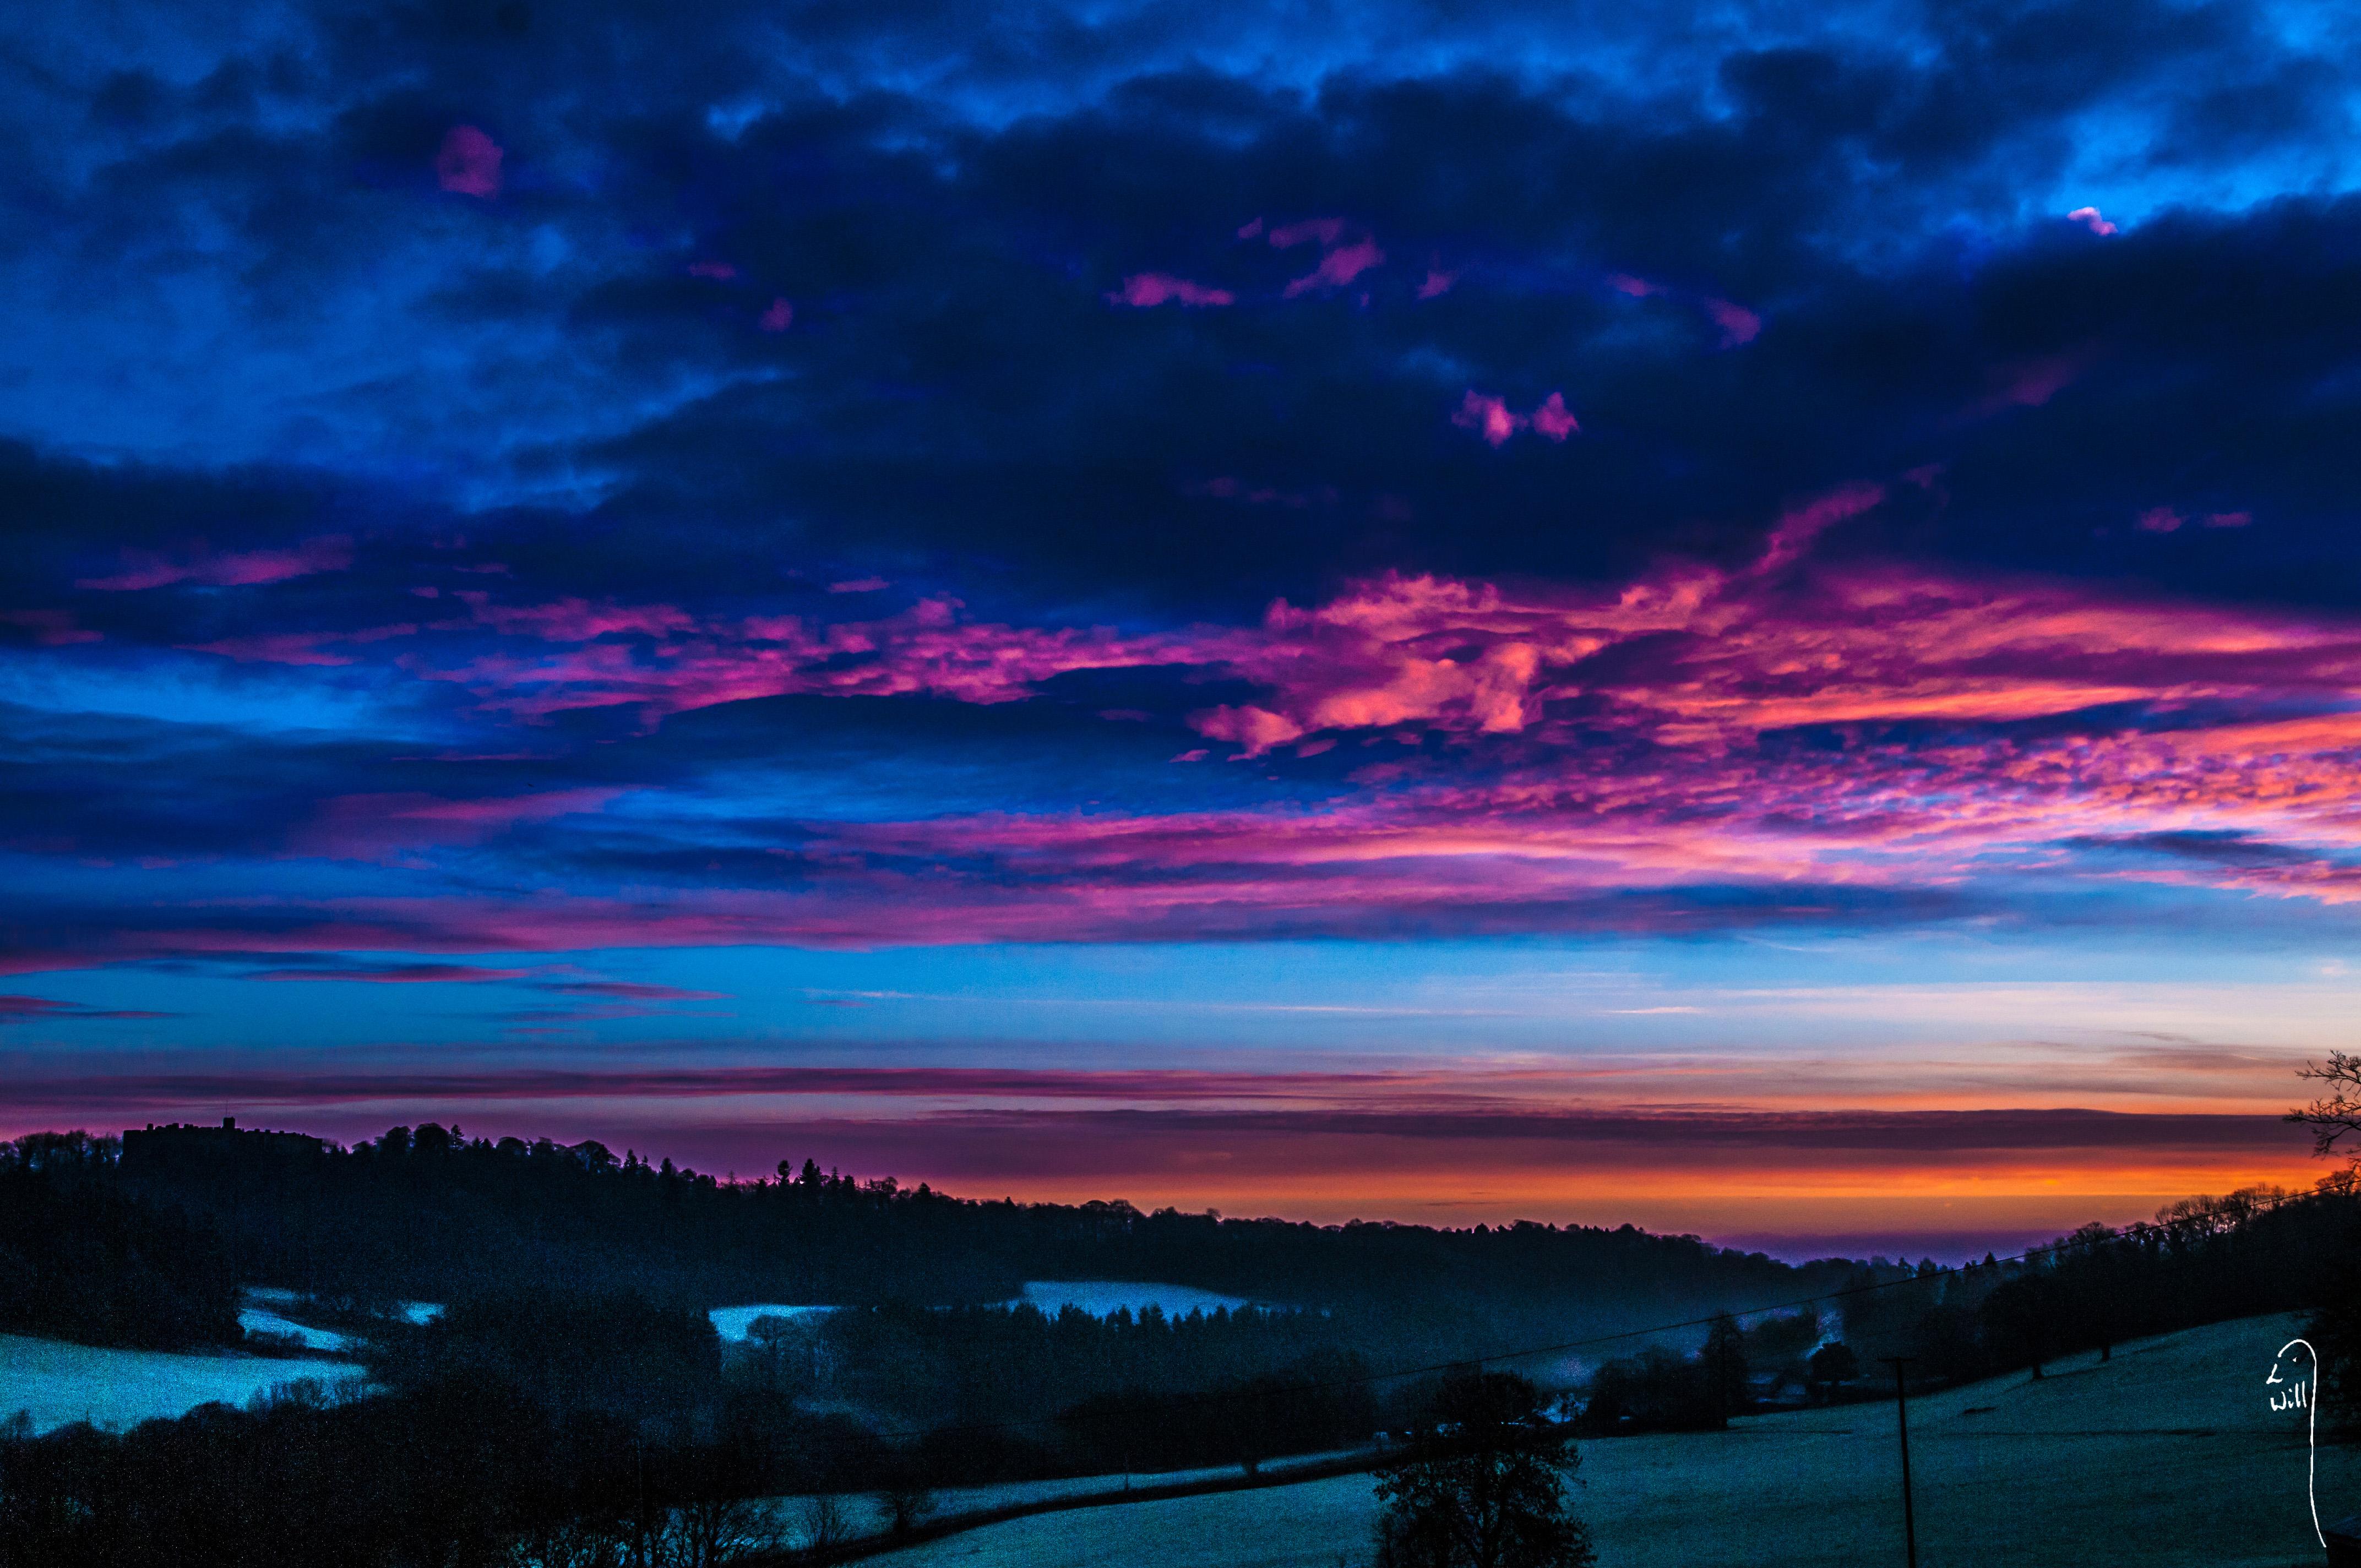 Dawn over the Ceiriog Valley